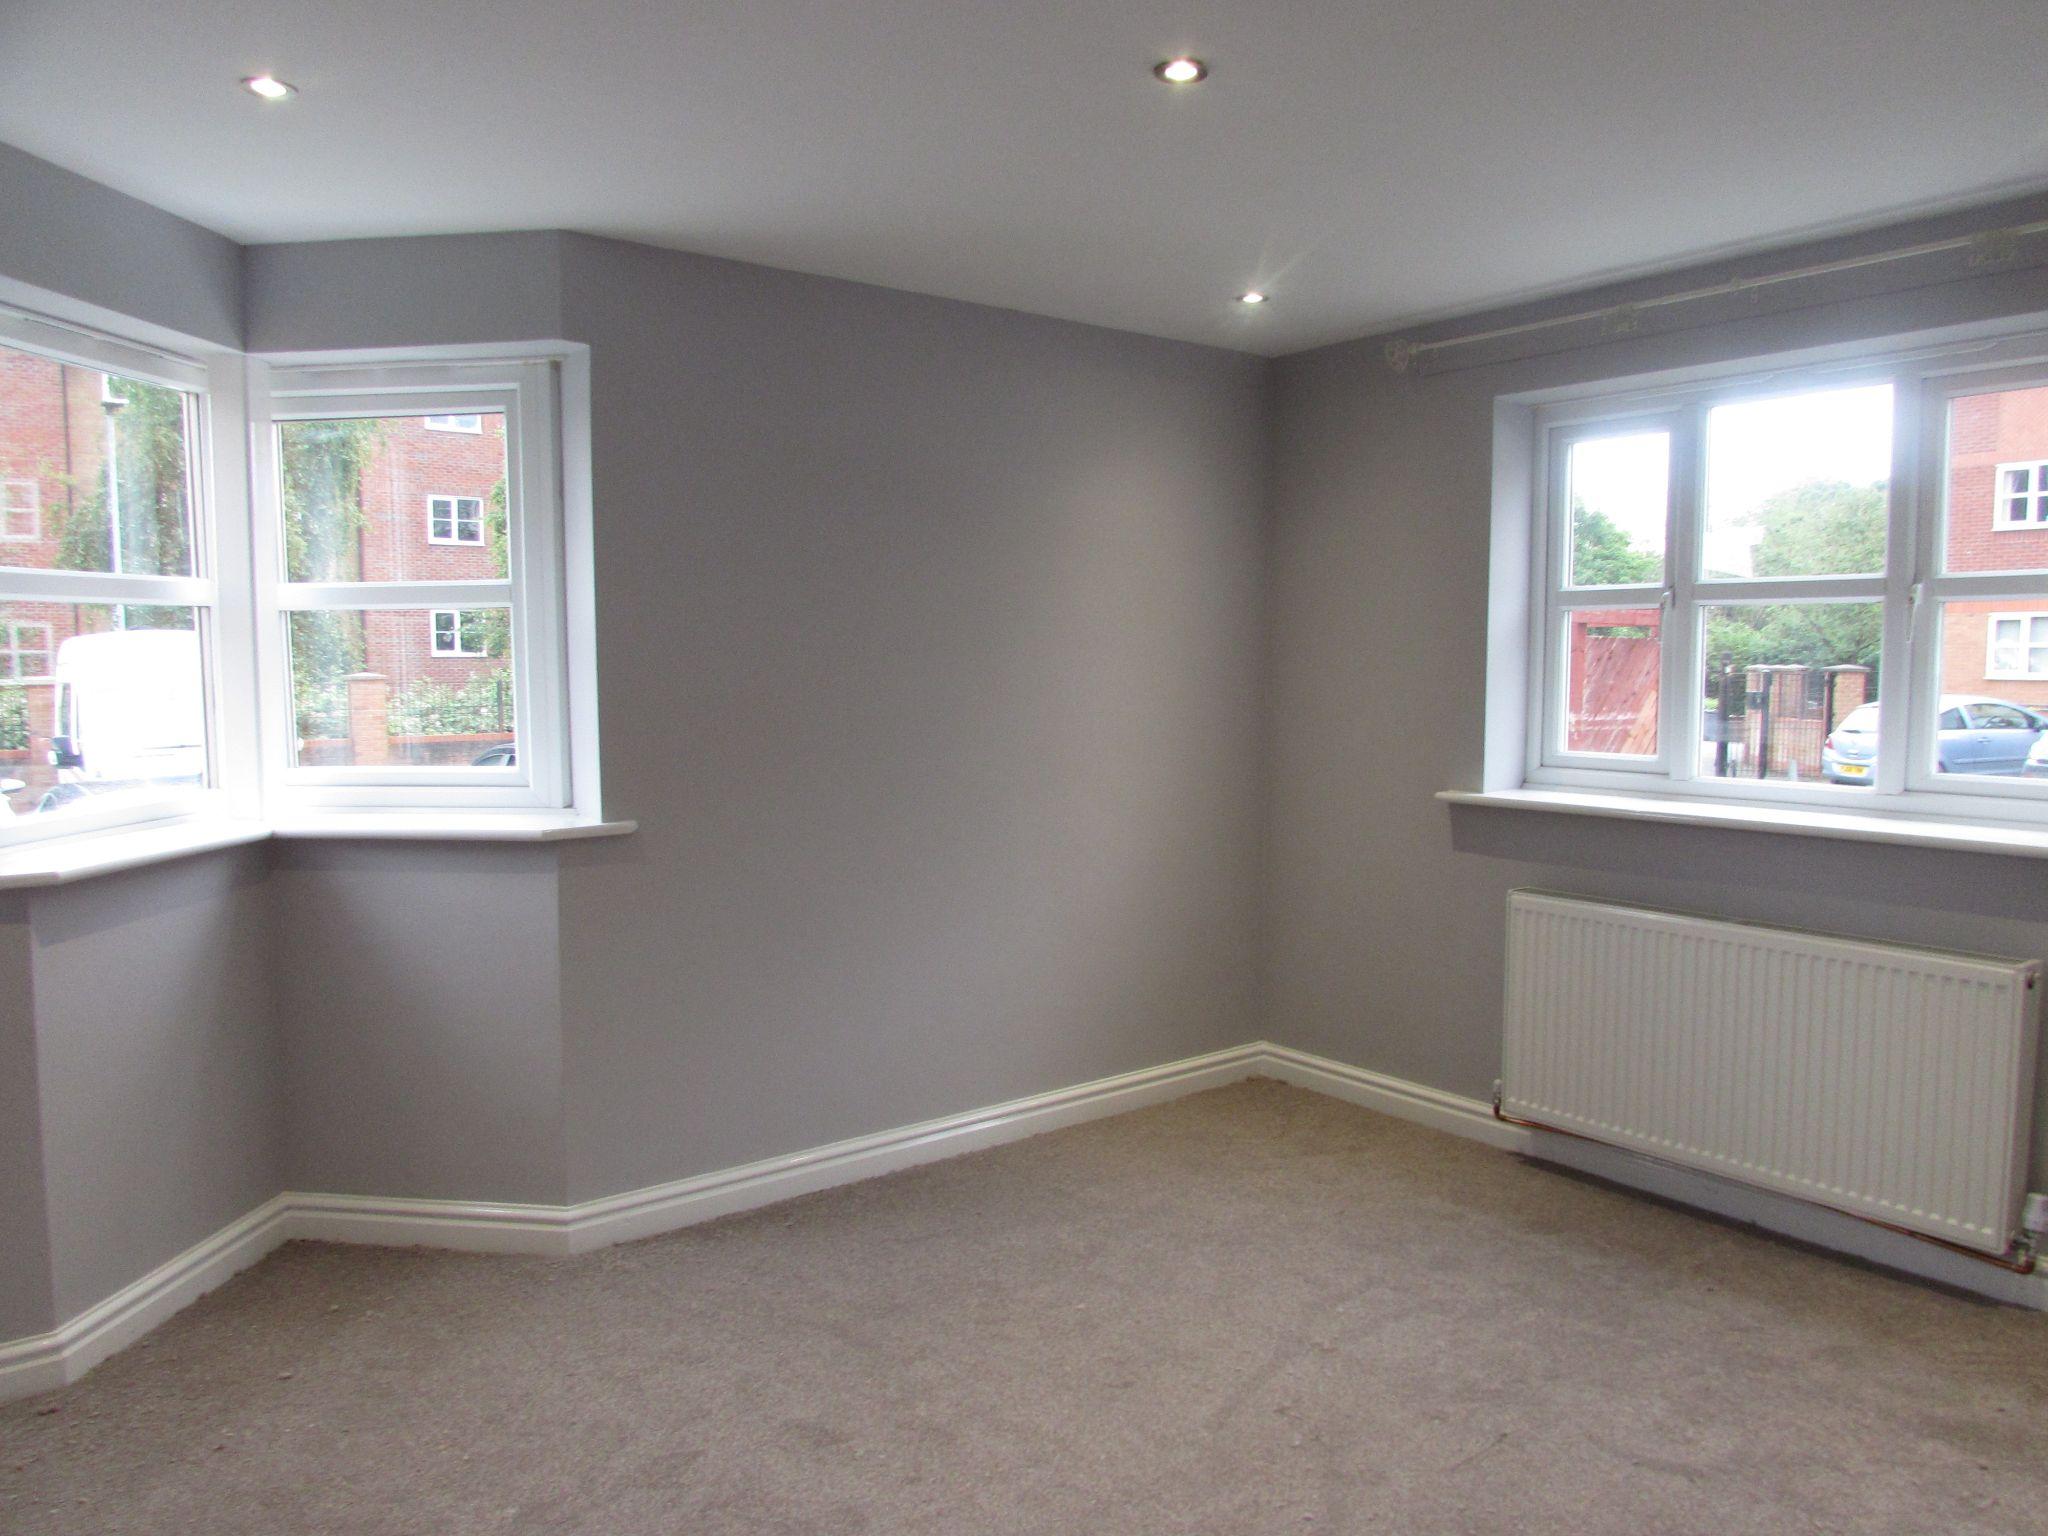 2 Bedroom Ground Floor Flat/apartment To Rent - bedroom 1